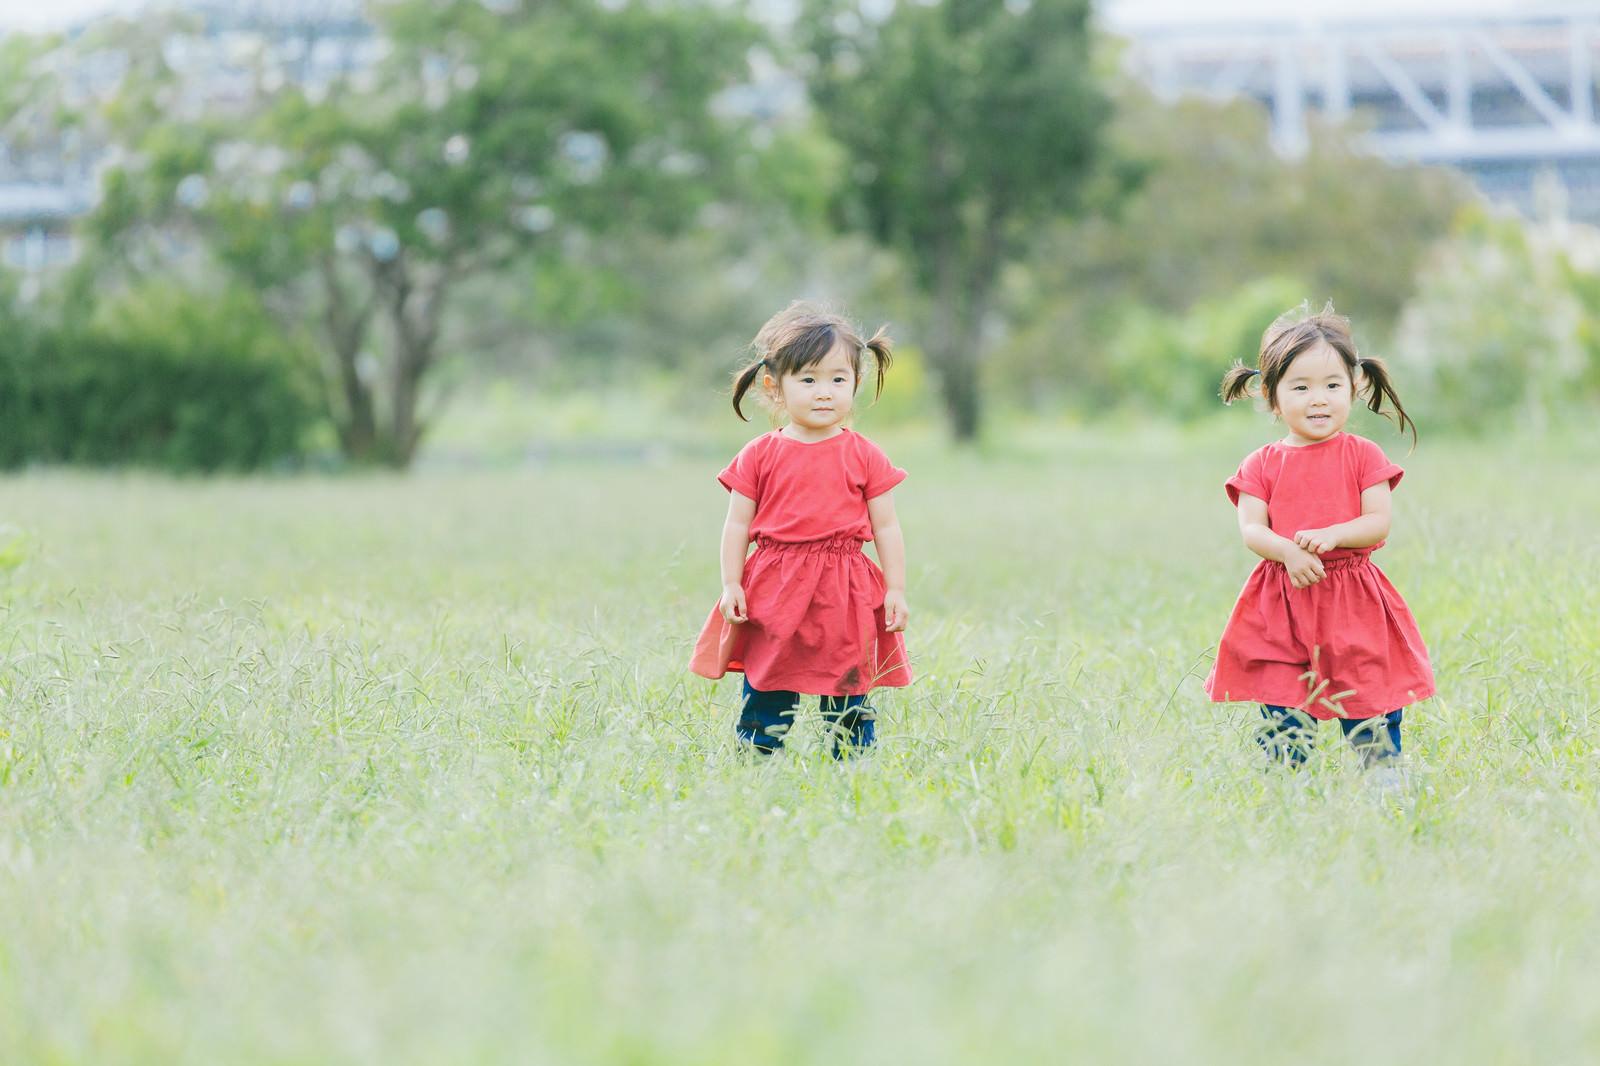 「ツインテールの仲良し双子女児」の写真[モデル:あおみどり]